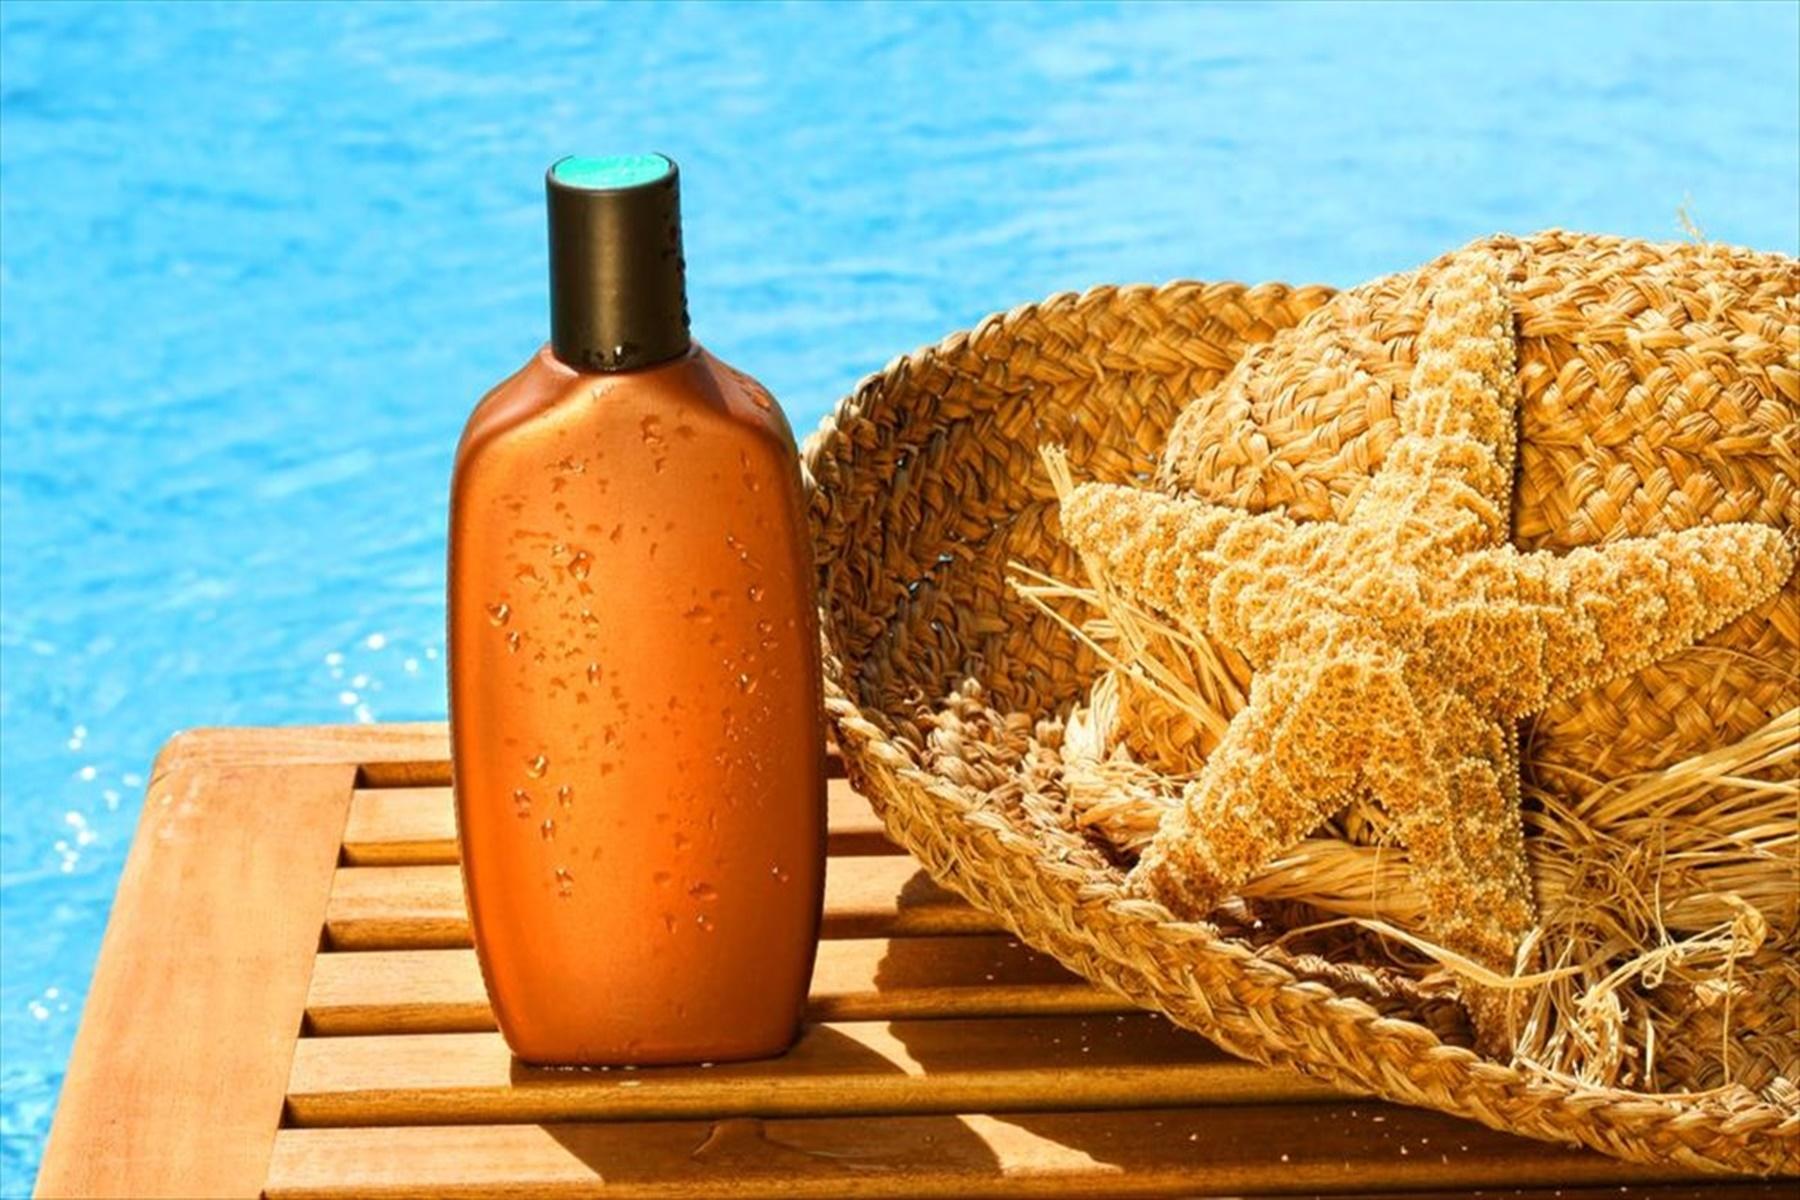 Αντηλιακά καλοκαίρι: Τρόποι για να προστατευτείς